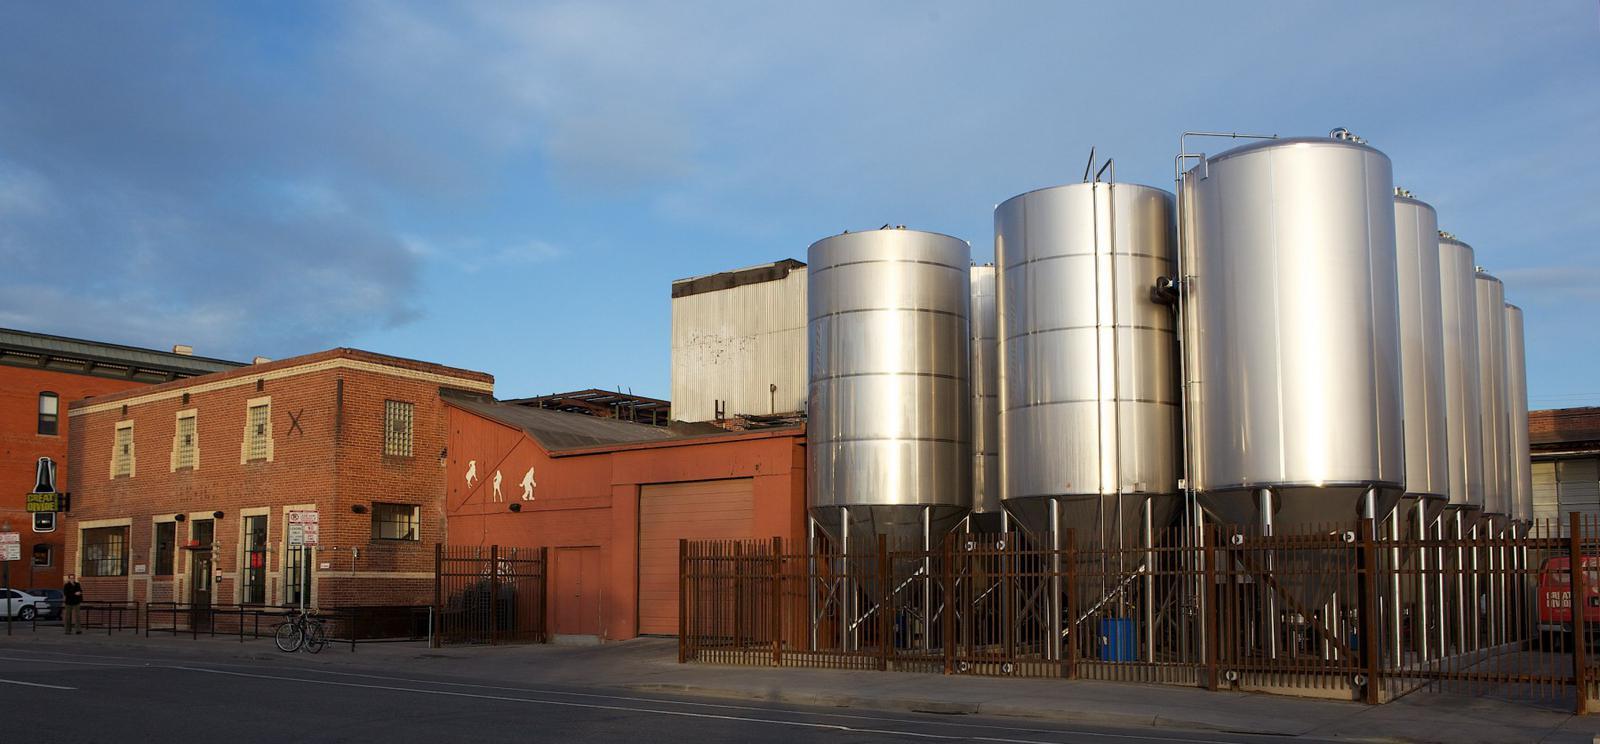 Great Divide brewery Denver